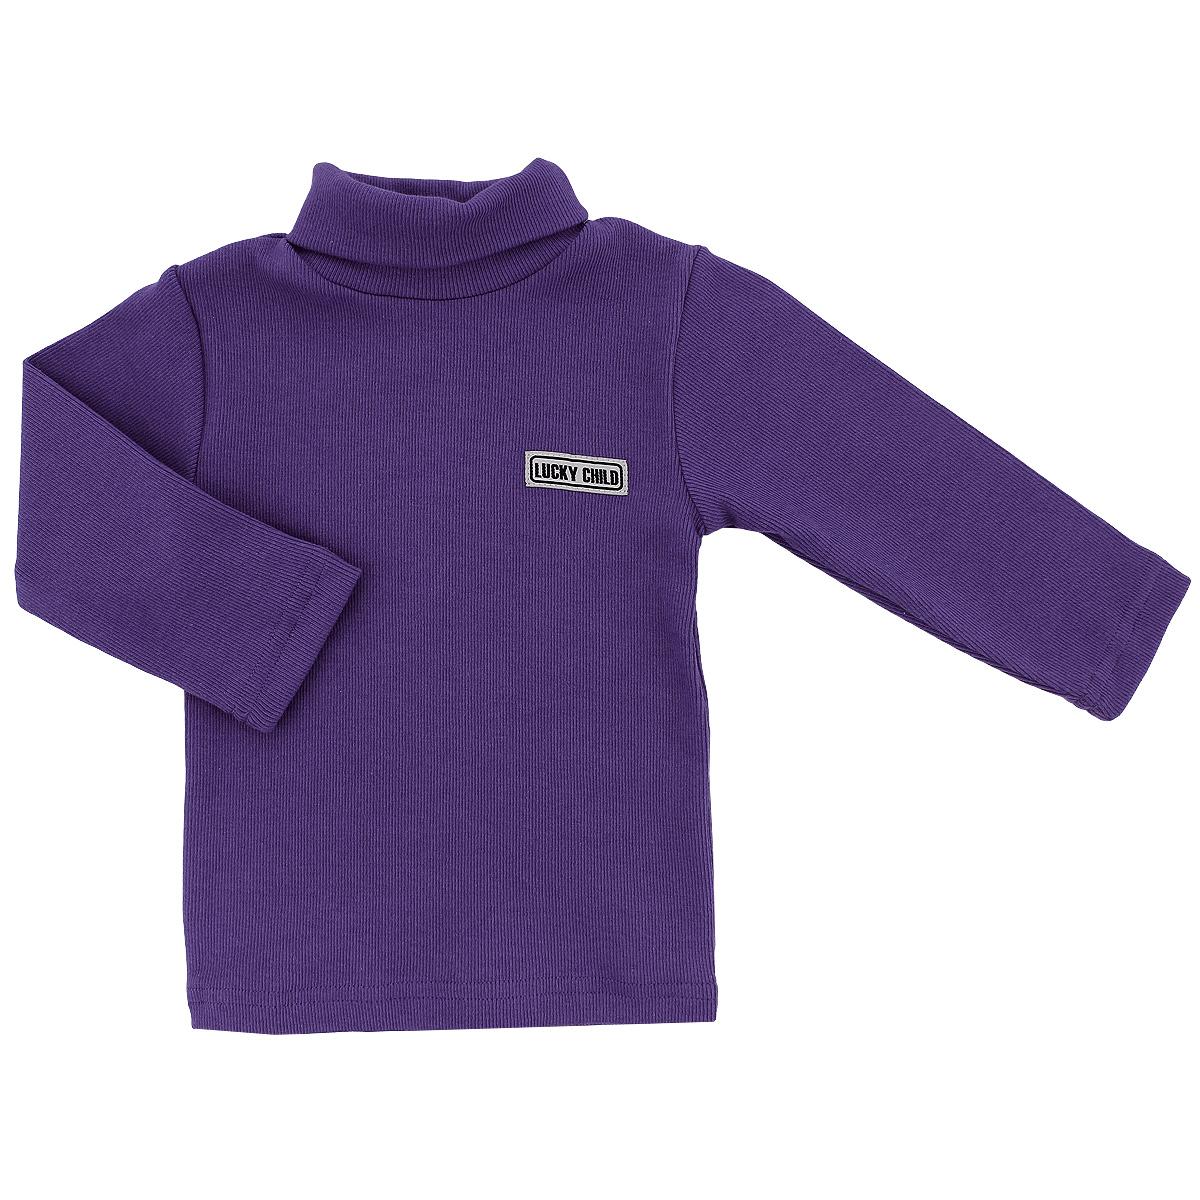 Водолазка детская Lucky Child, цвет: фиолетовый. 7-11. Размер 110/1167-11/ фиолетовыйВеликолепная детская водолазка Lucky Child идеально подойдет вашему ребенку. Изготовленная из натурального хлопка, она необычайно мягкая и приятная на ощупь, не сковывает движения малыша и позволяет коже дышать, не раздражает даже самую нежную и чувствительную кожу ребенка, обеспечивая ему наибольший комфорт. Водолазка классического кроя с длинными рукавами и воротником-гольф. Оригинальный современный дизайн и модная расцветка делают эту водолазку модным и стильным предметом детского гардероба. В ней ваш ребенок будет чувствовать себя уютно и комфортно, и всегда будет в центре внимания!